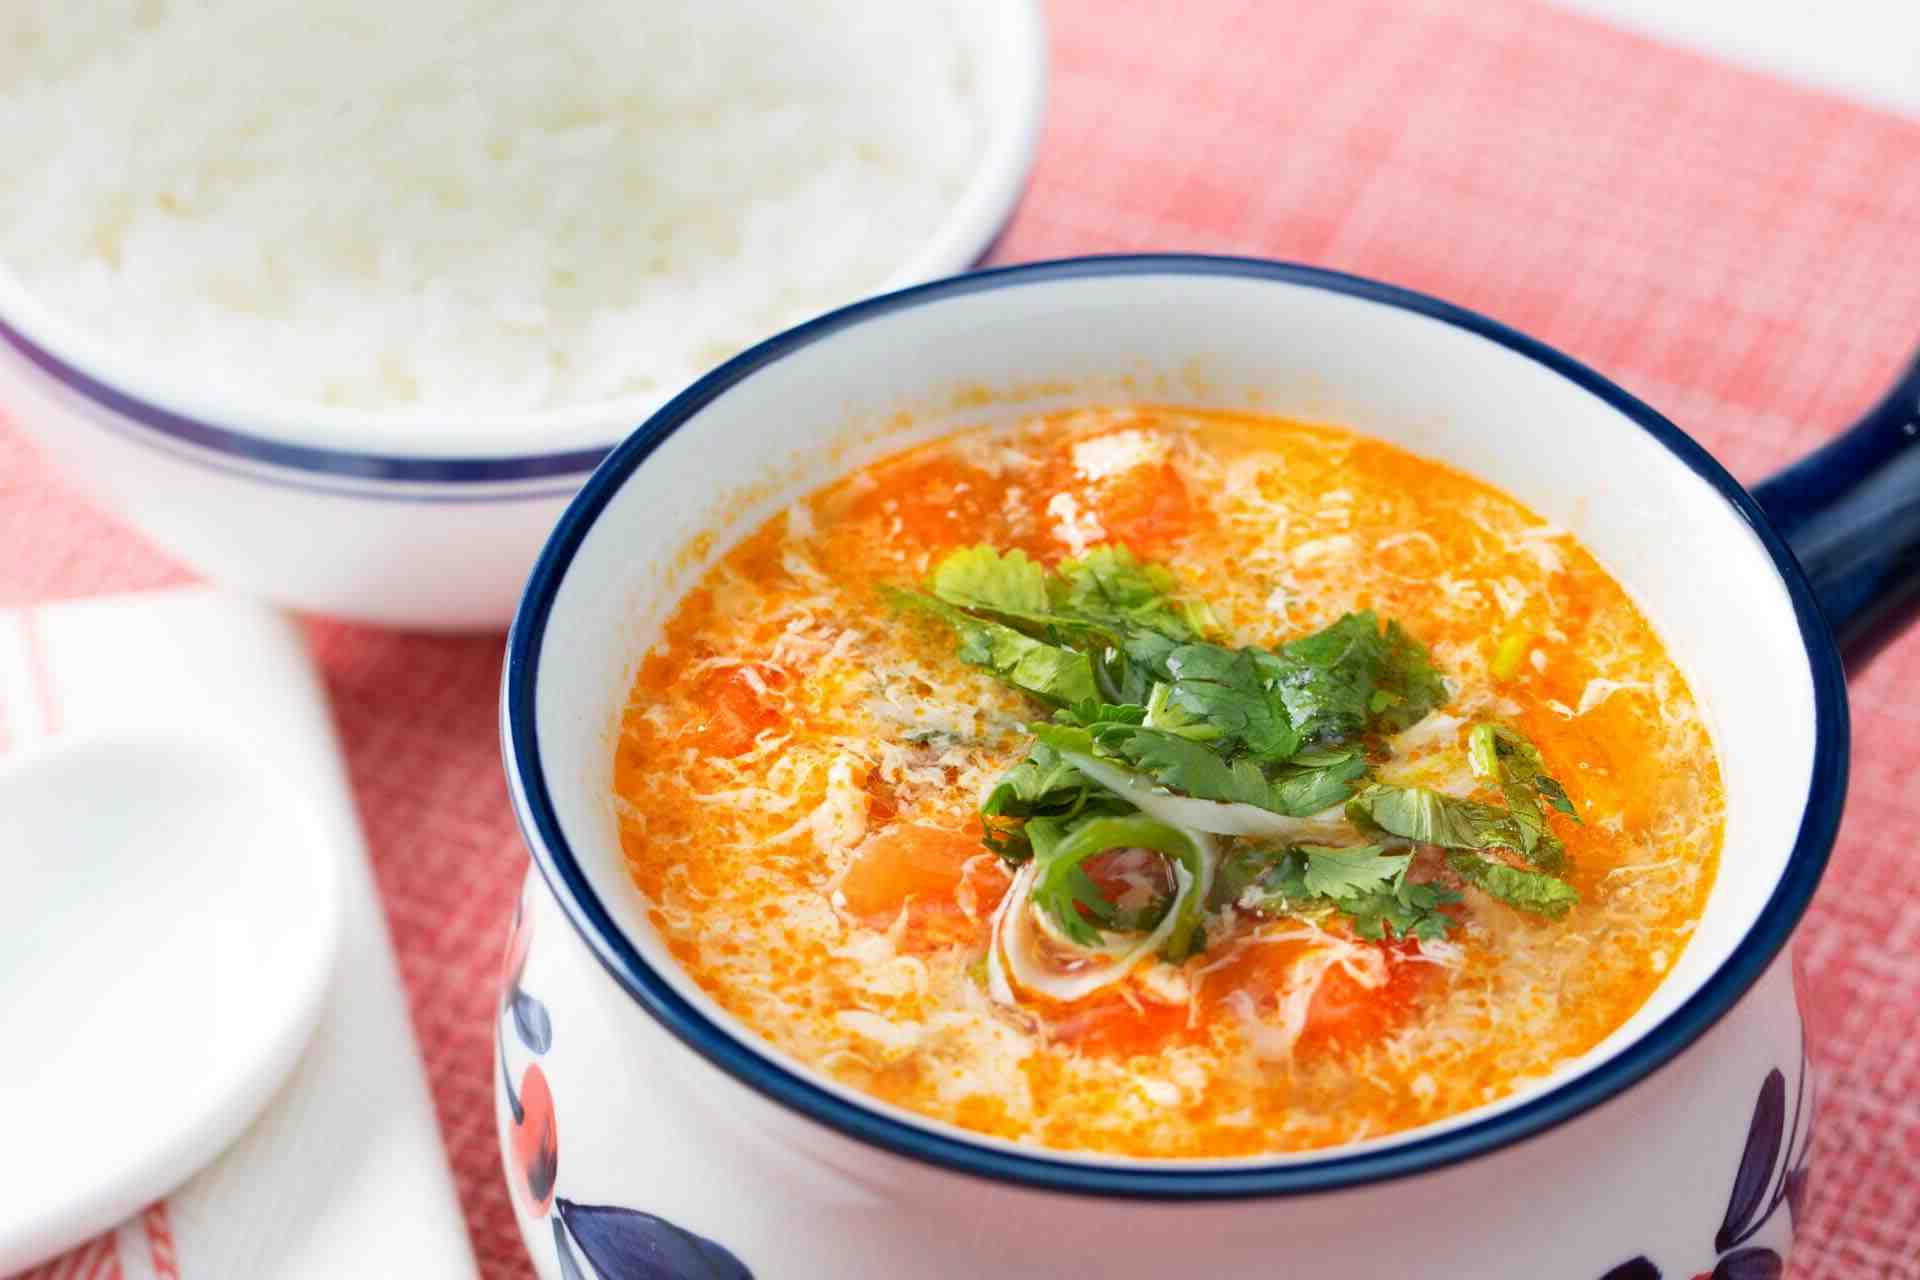 Comment faire une soupe à l'œuf (egg drop soup)